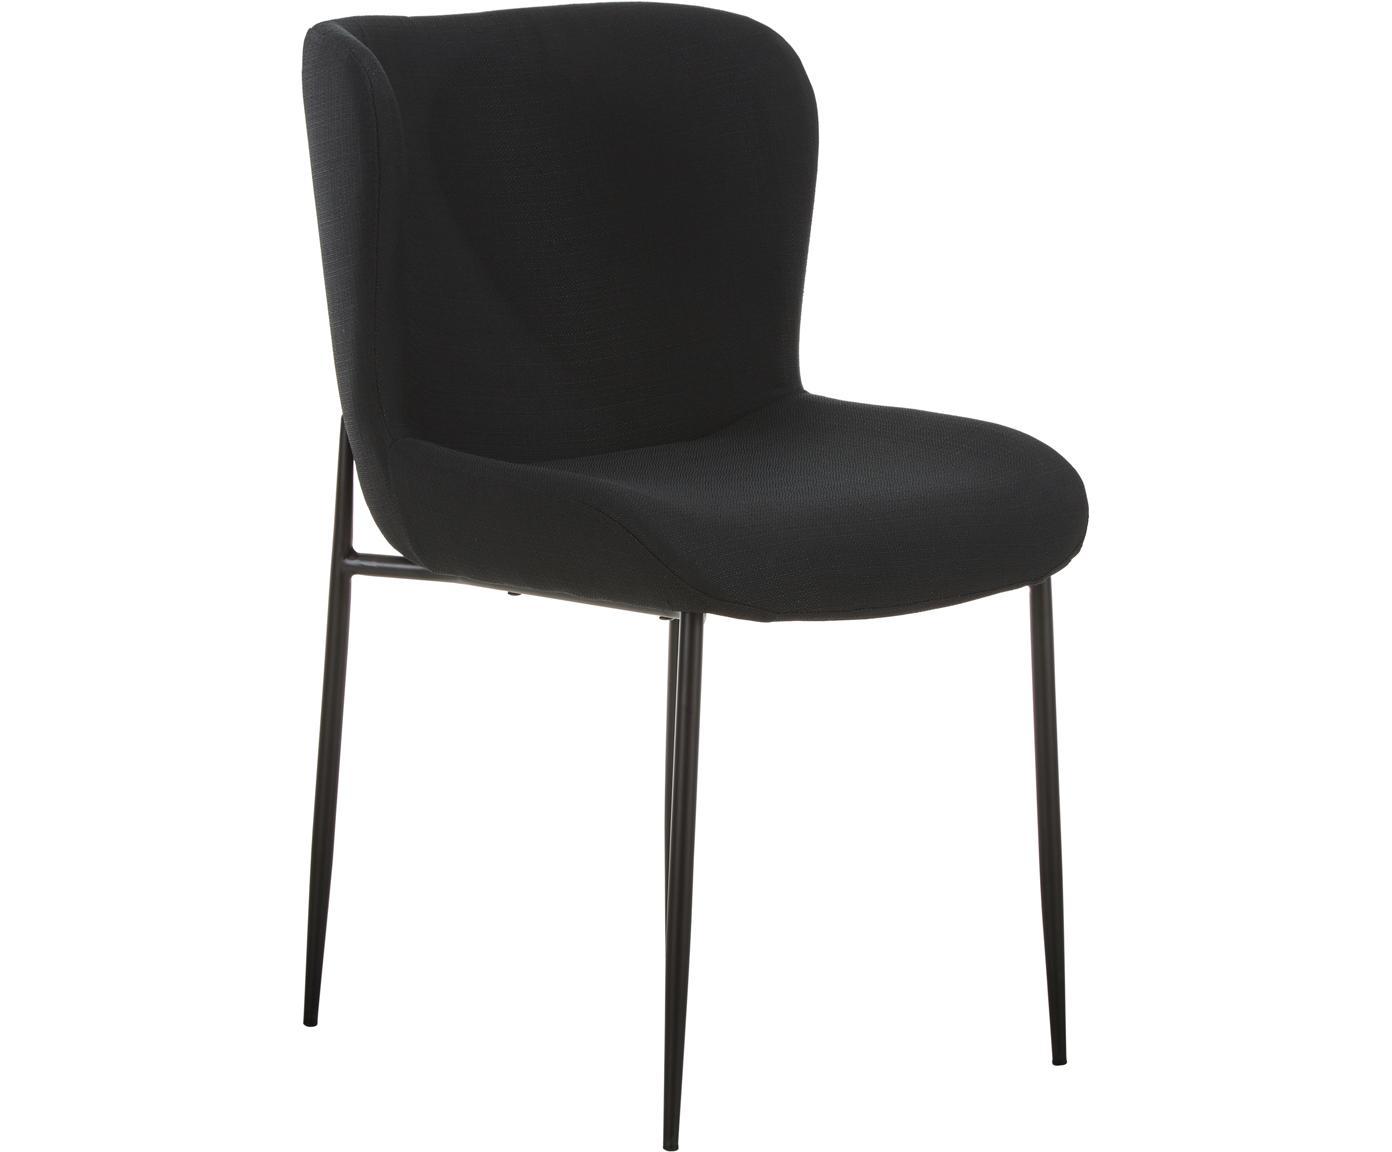 Gestoffeerde stoel Tess, Bekleding: polyester, Poten: gepoedercoat metaal, Geweven stof zwart, poten zwart, B 48 x D 64 cm